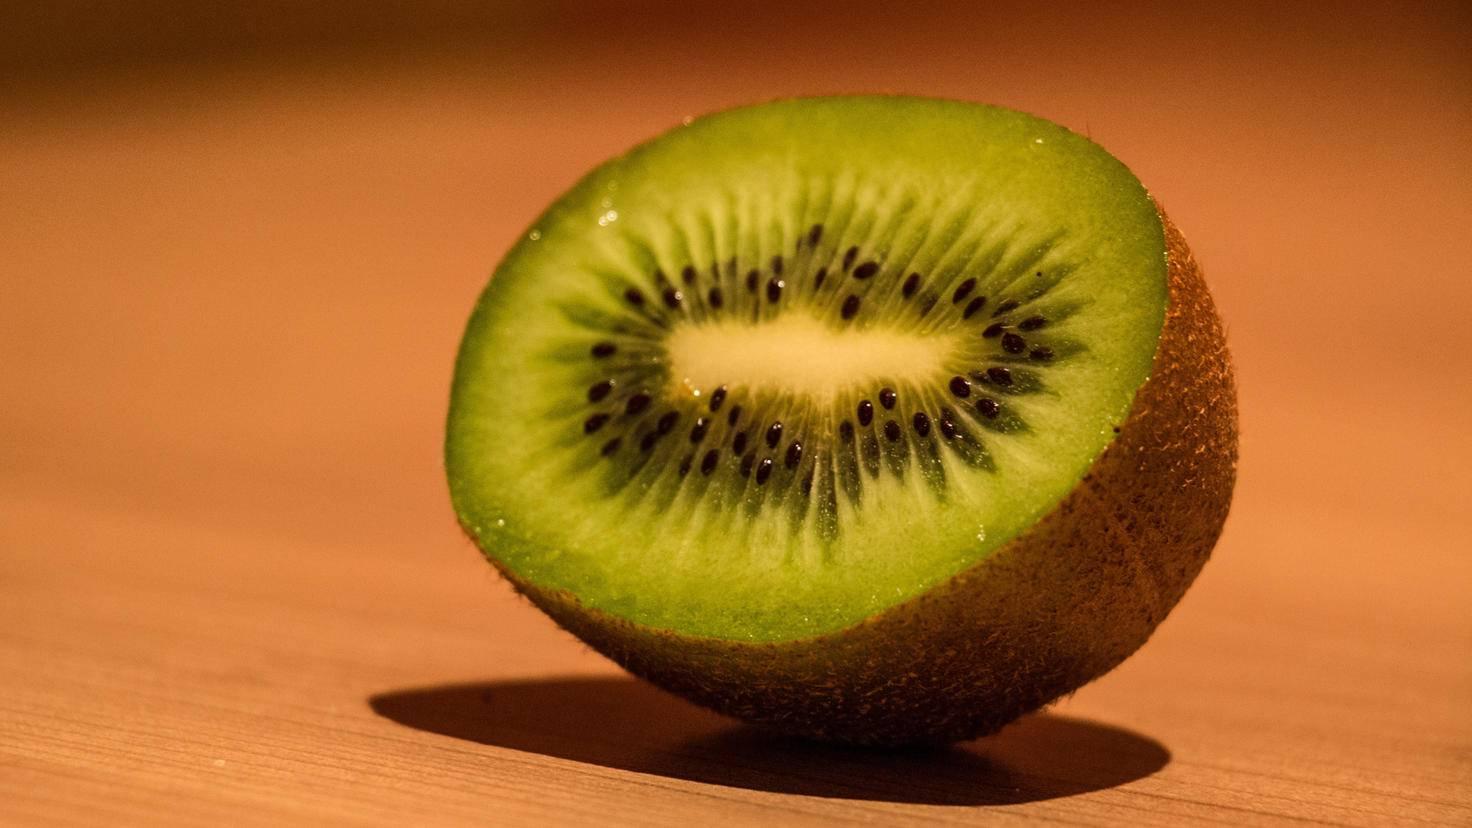 Die Kiwi lässt sich auch ungeschält löffeln.